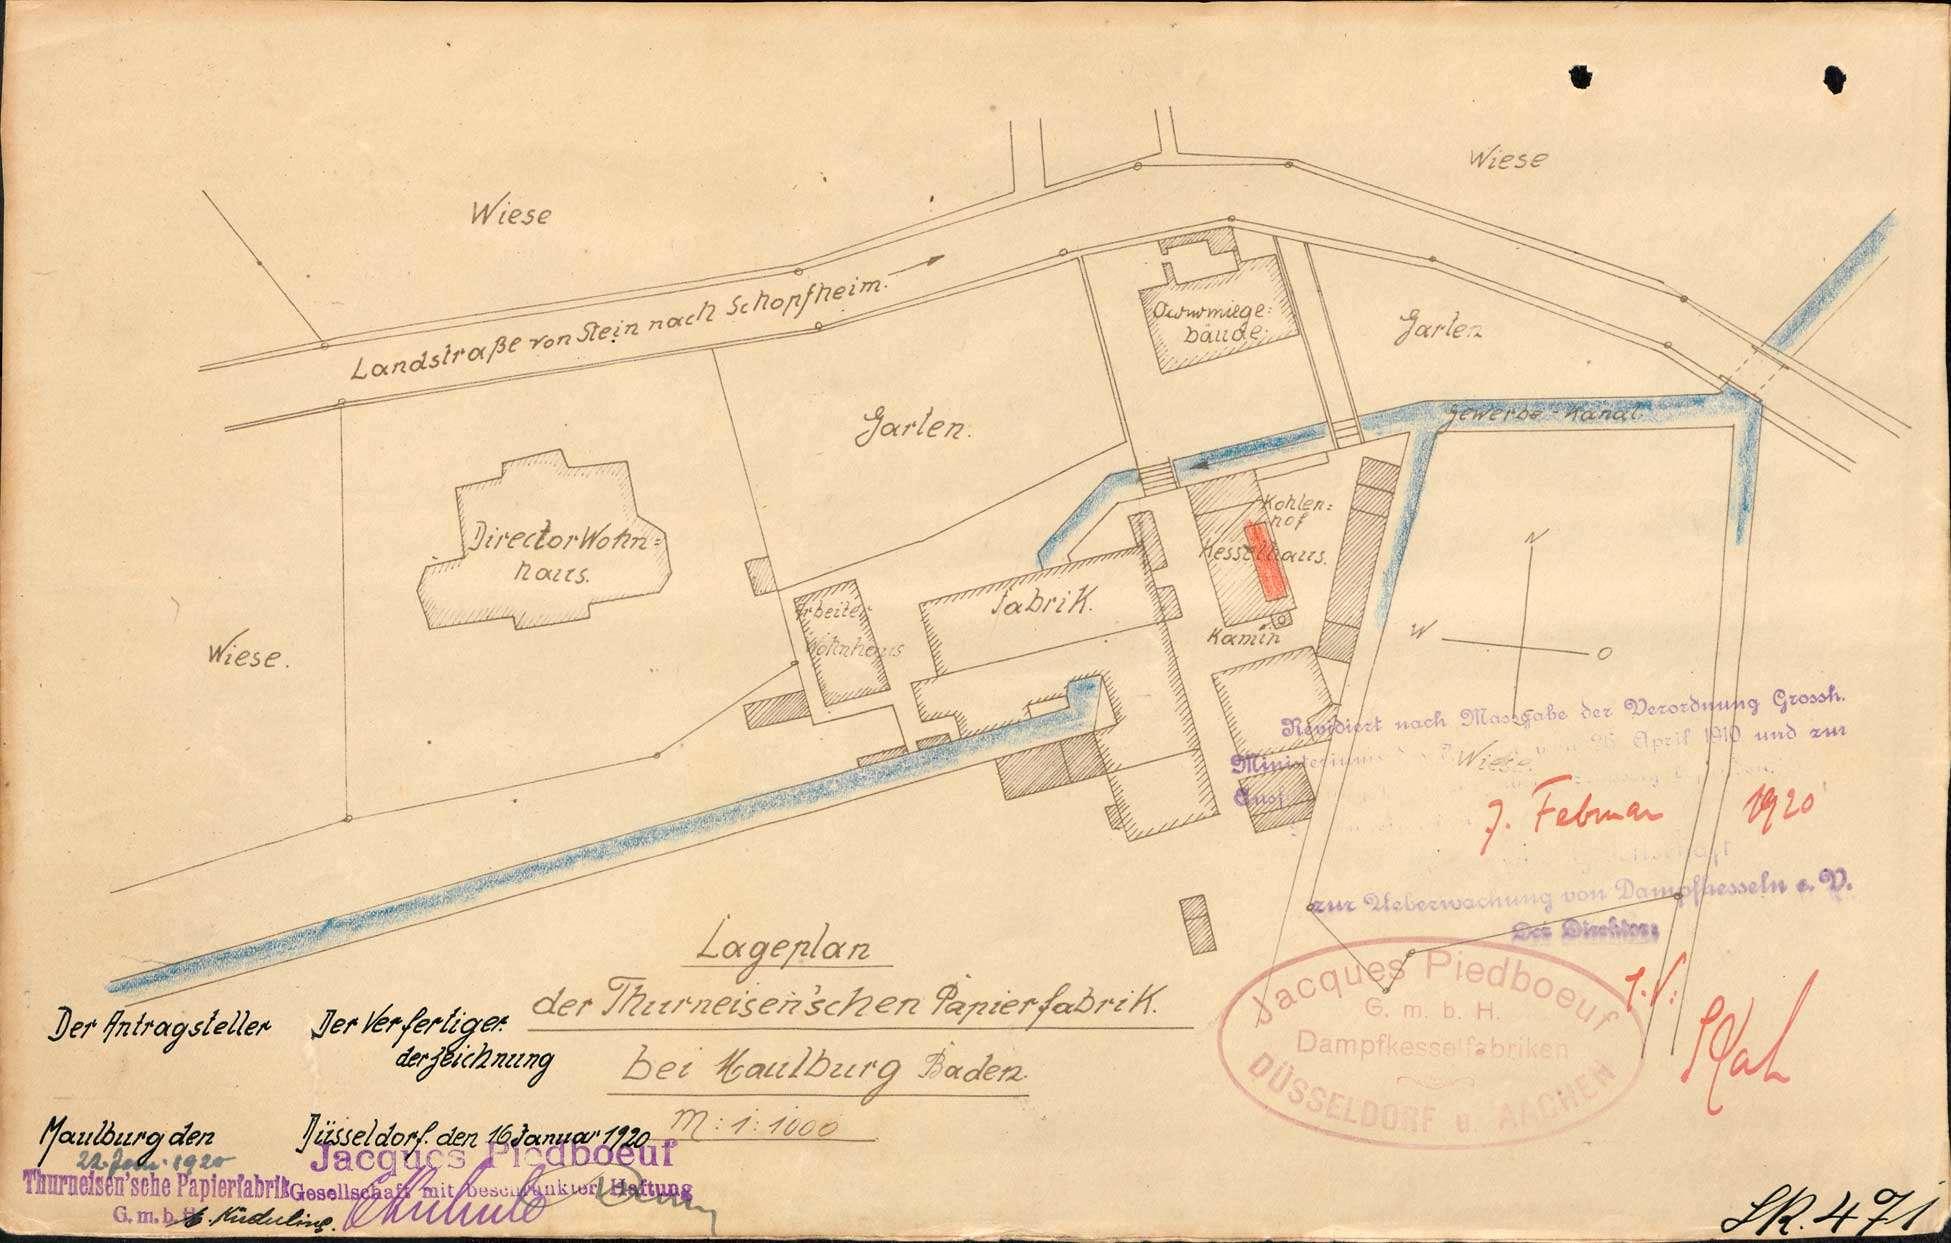 Gesuch der Papierfabrik Thurneisen in Maulburg um Erlaubnis zur Anlegung bzw. Veränderung eines Dampfkessels; Verkauf des Kessels, Bild 1